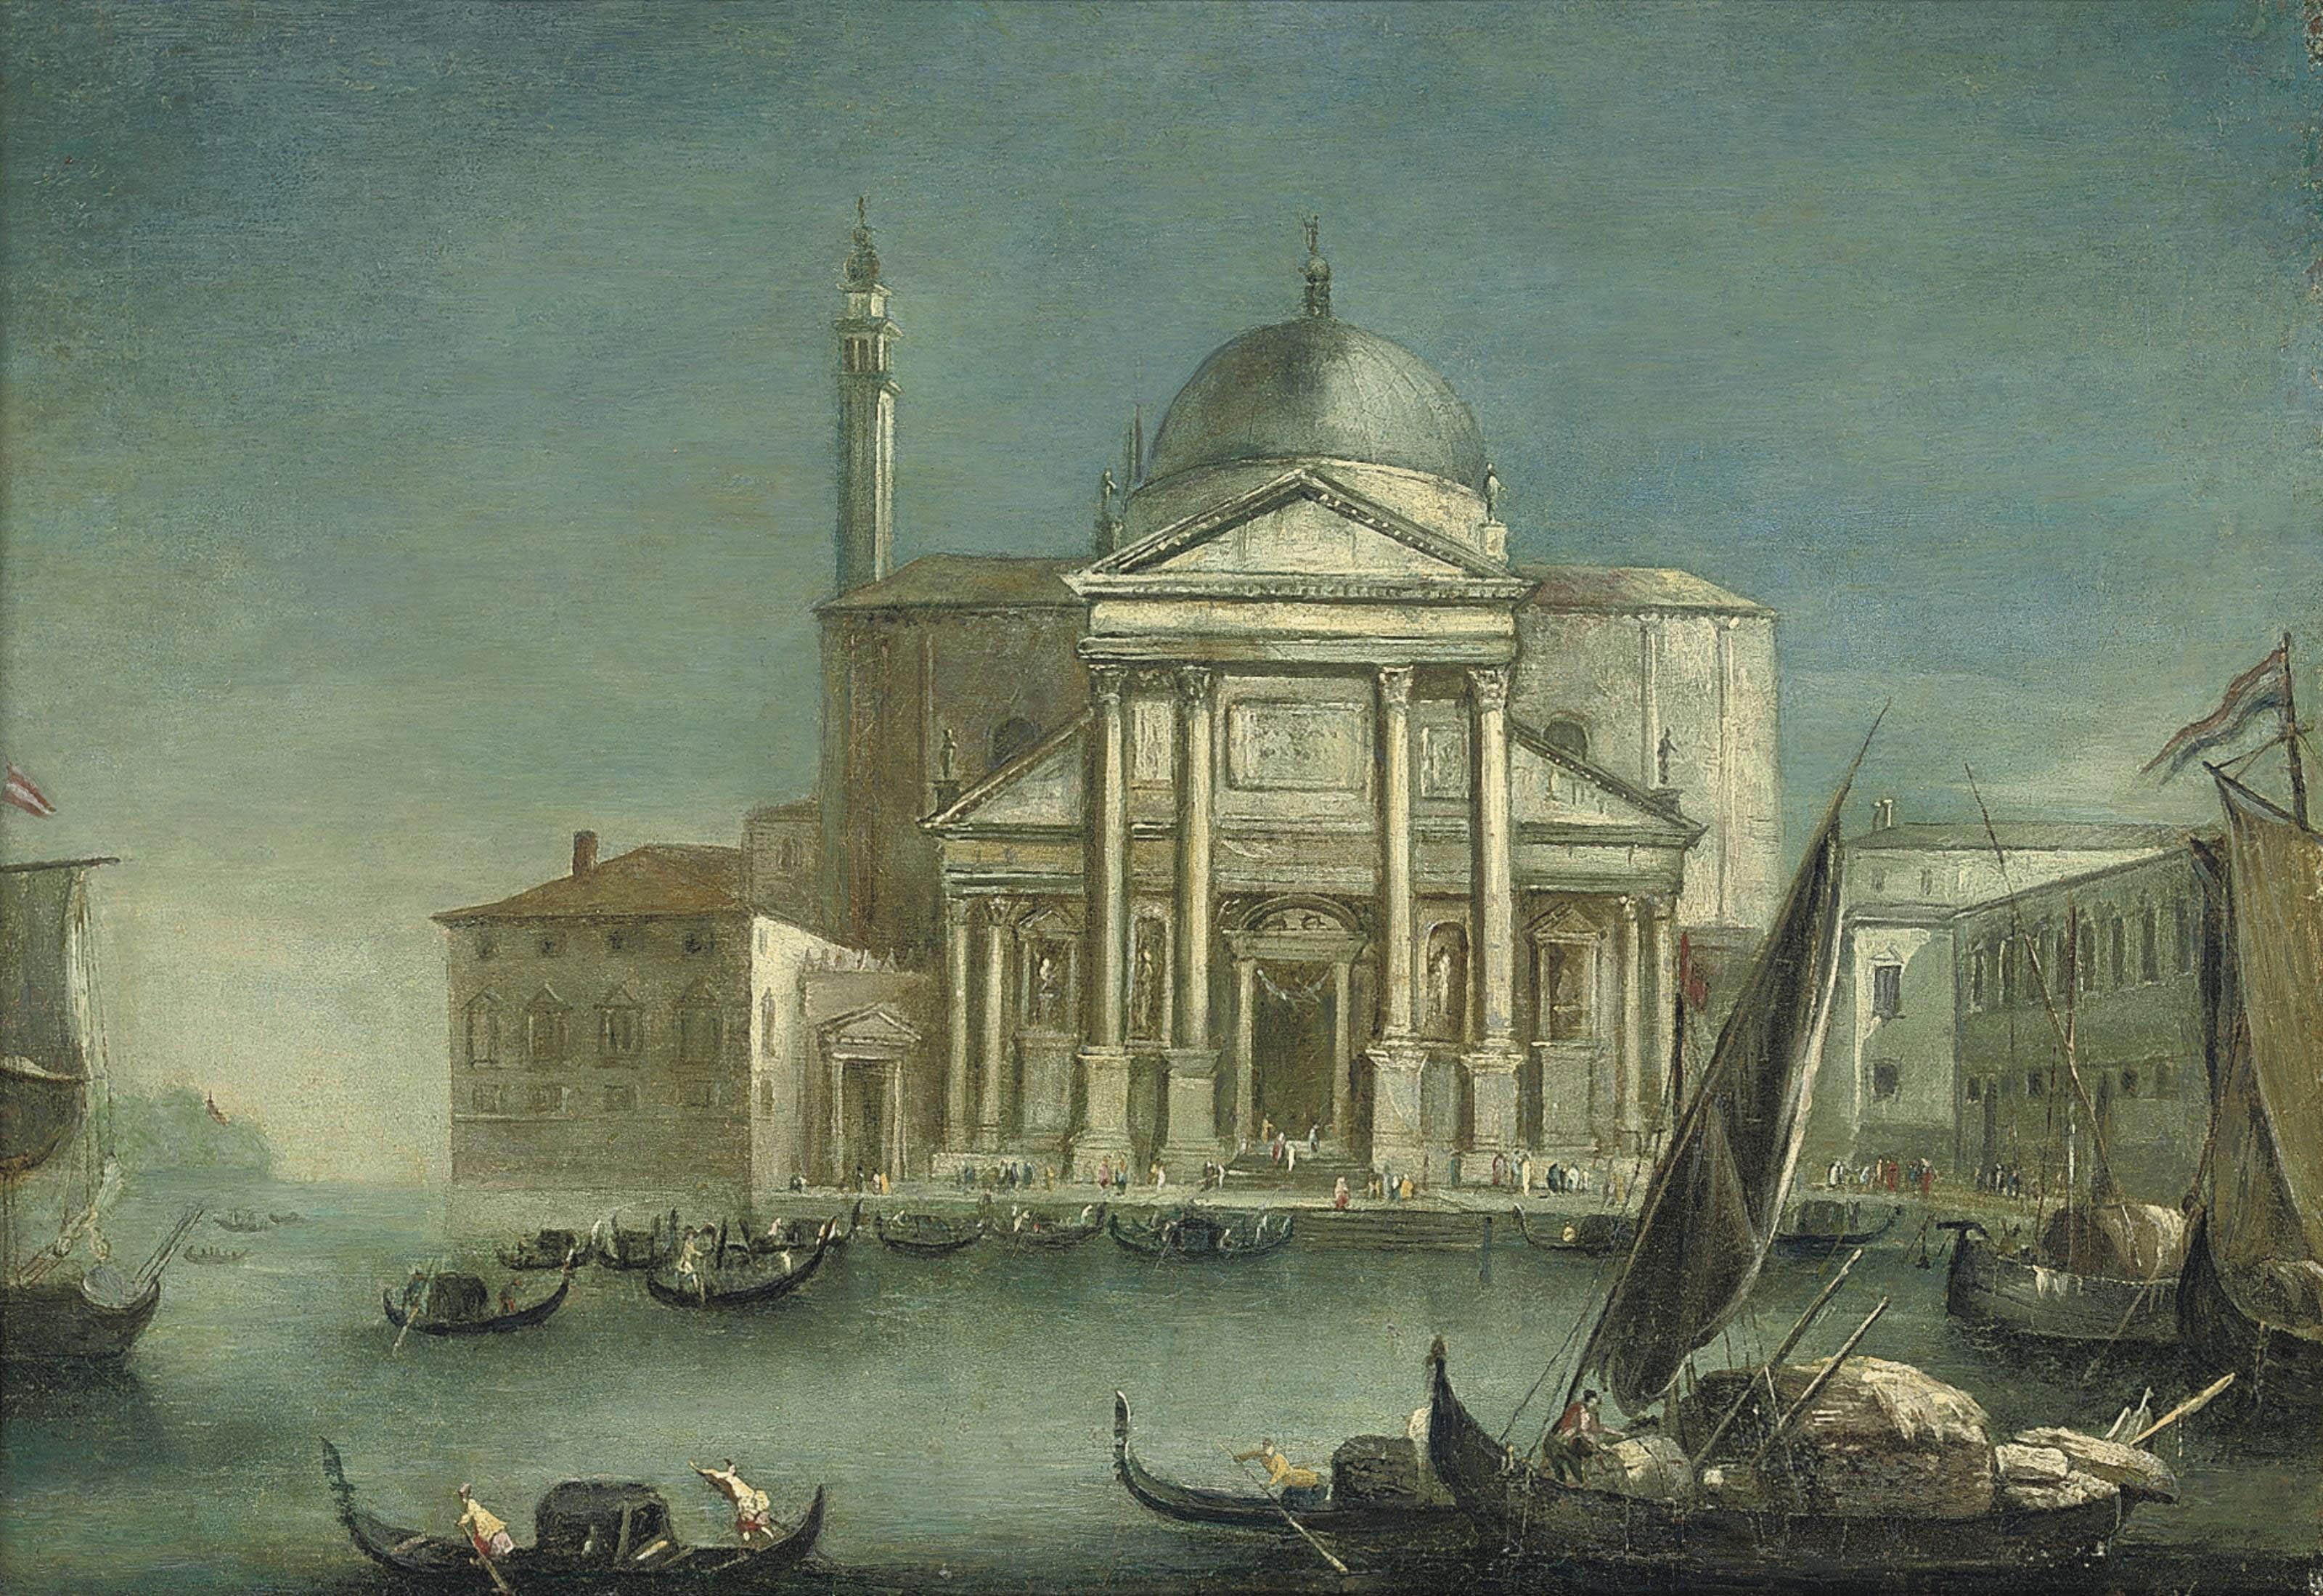 A view of San Giorgio Maggiore, Venice